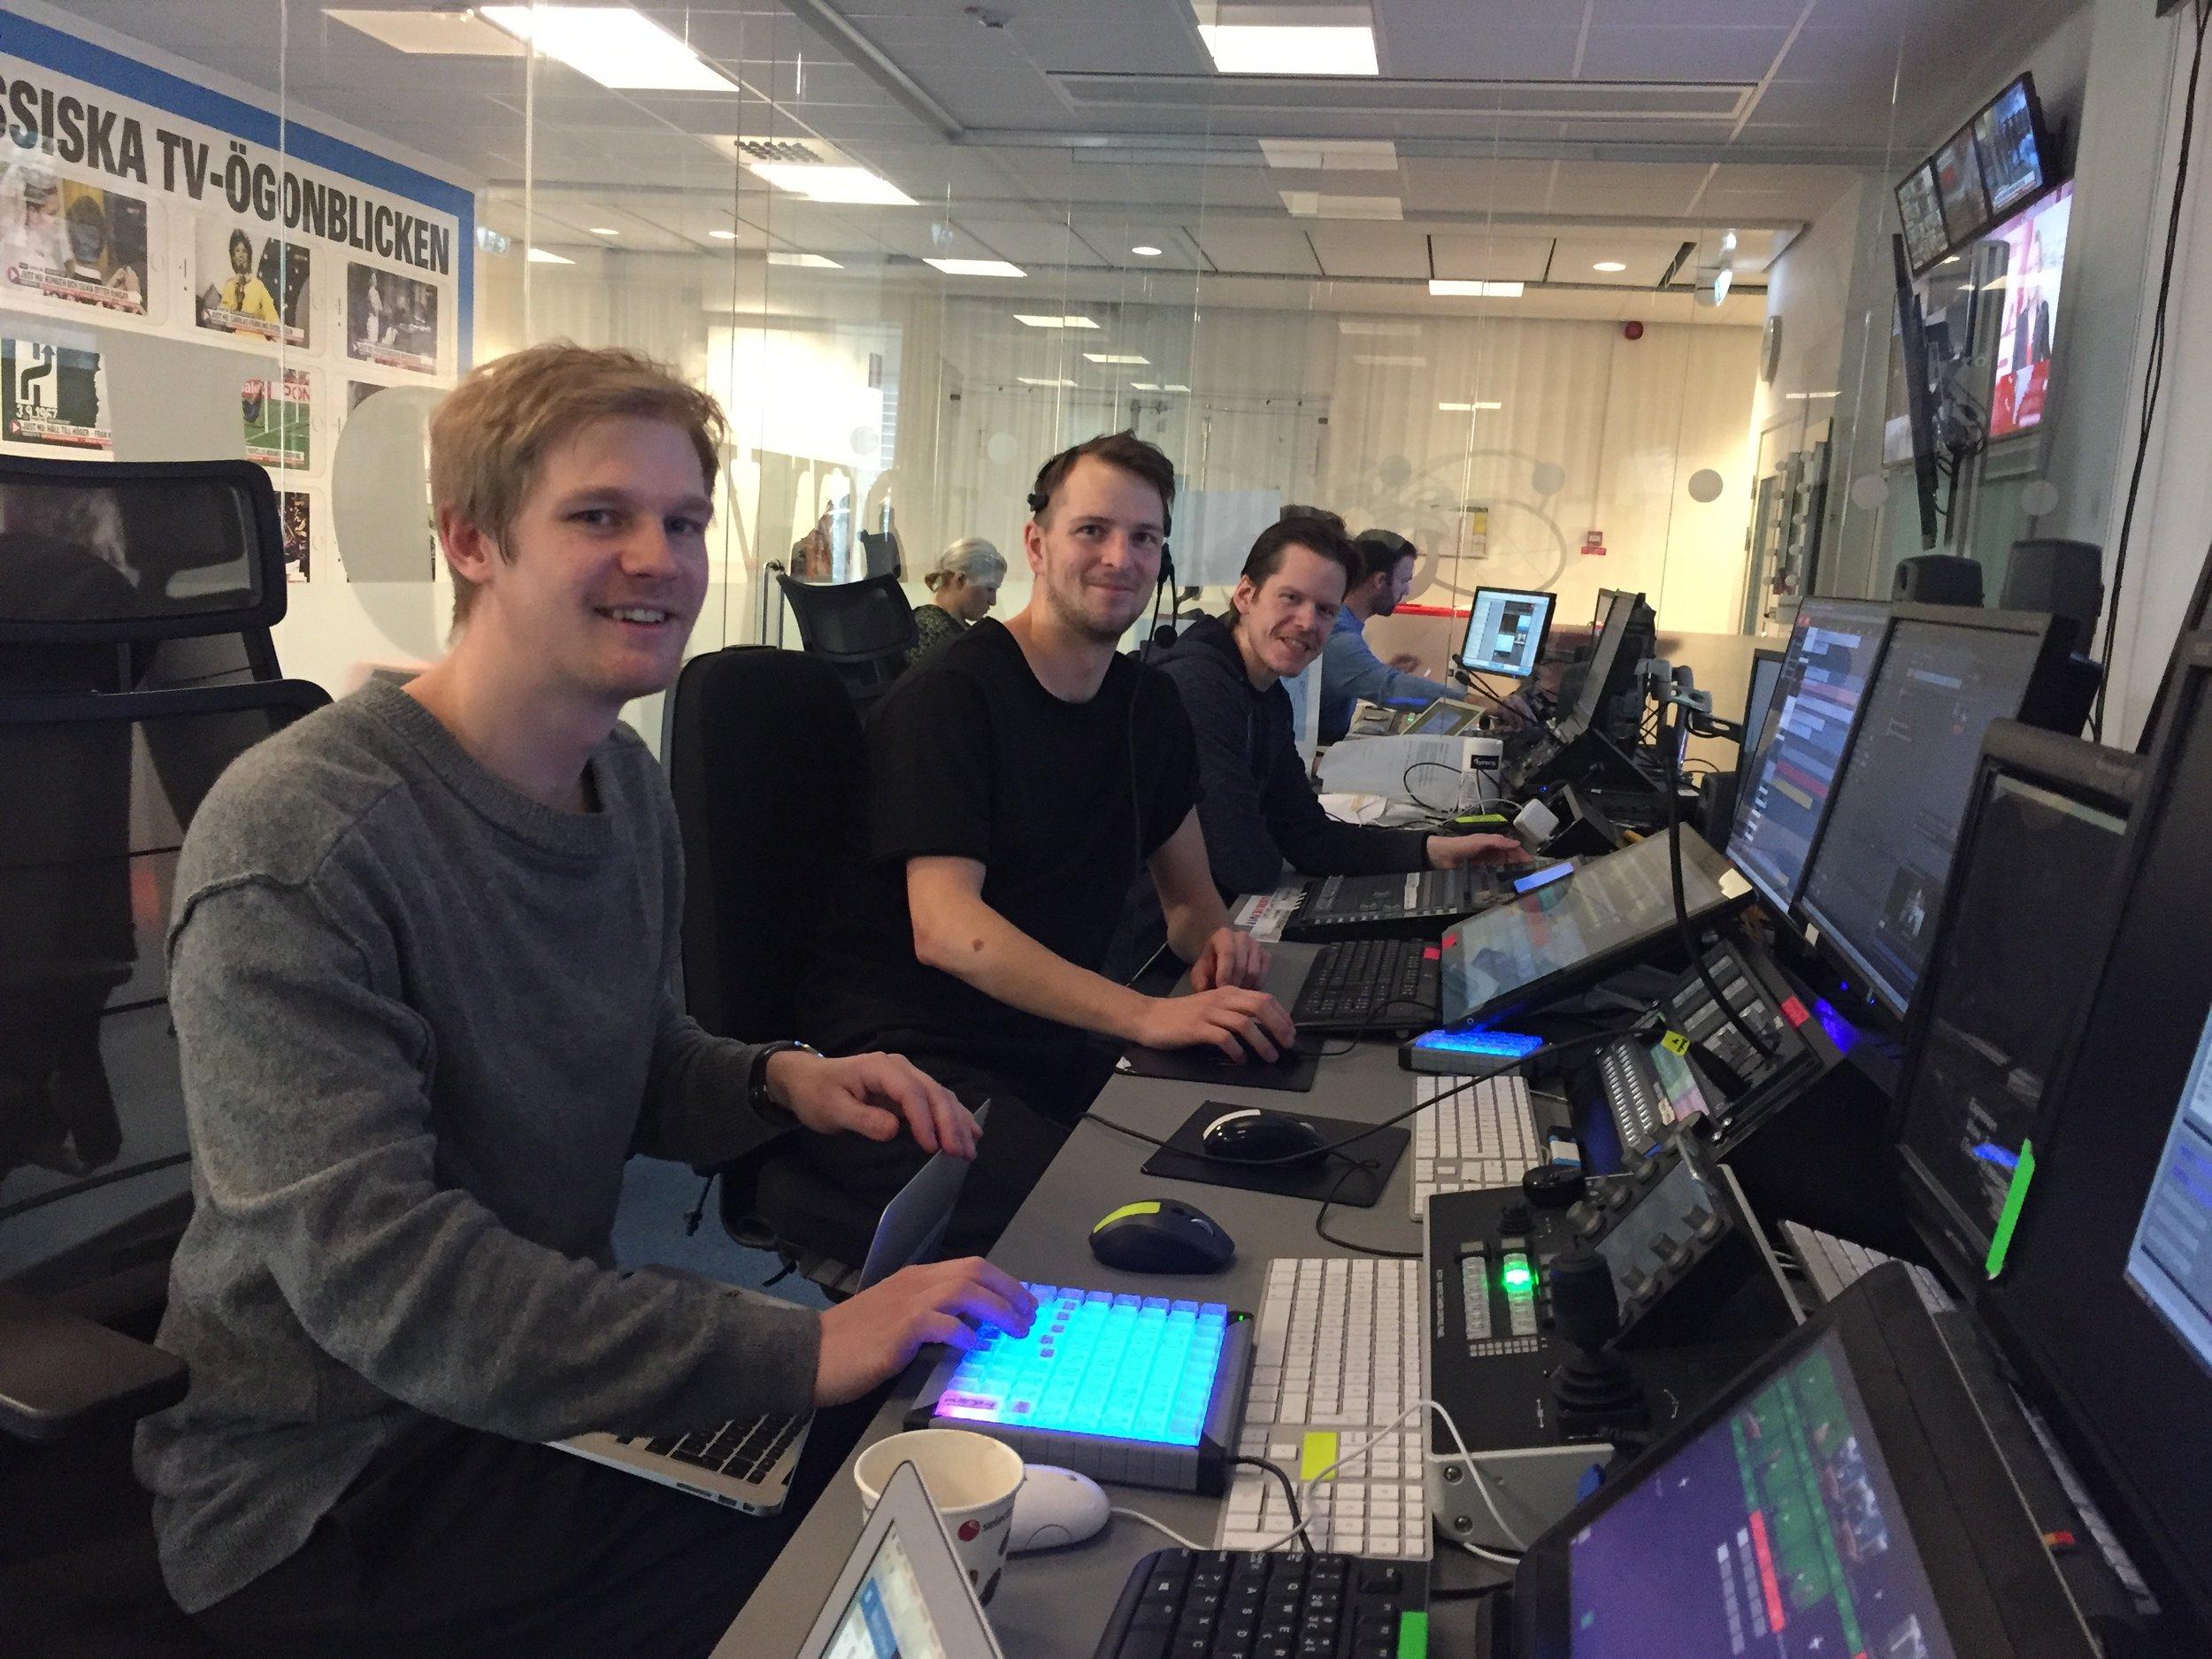 Felix Jonsson, närmast kameran, på LIA på Expressen tillsammans med tidigare studerande på Xenter Live, Kalle Falk och Magnus Ahlberg